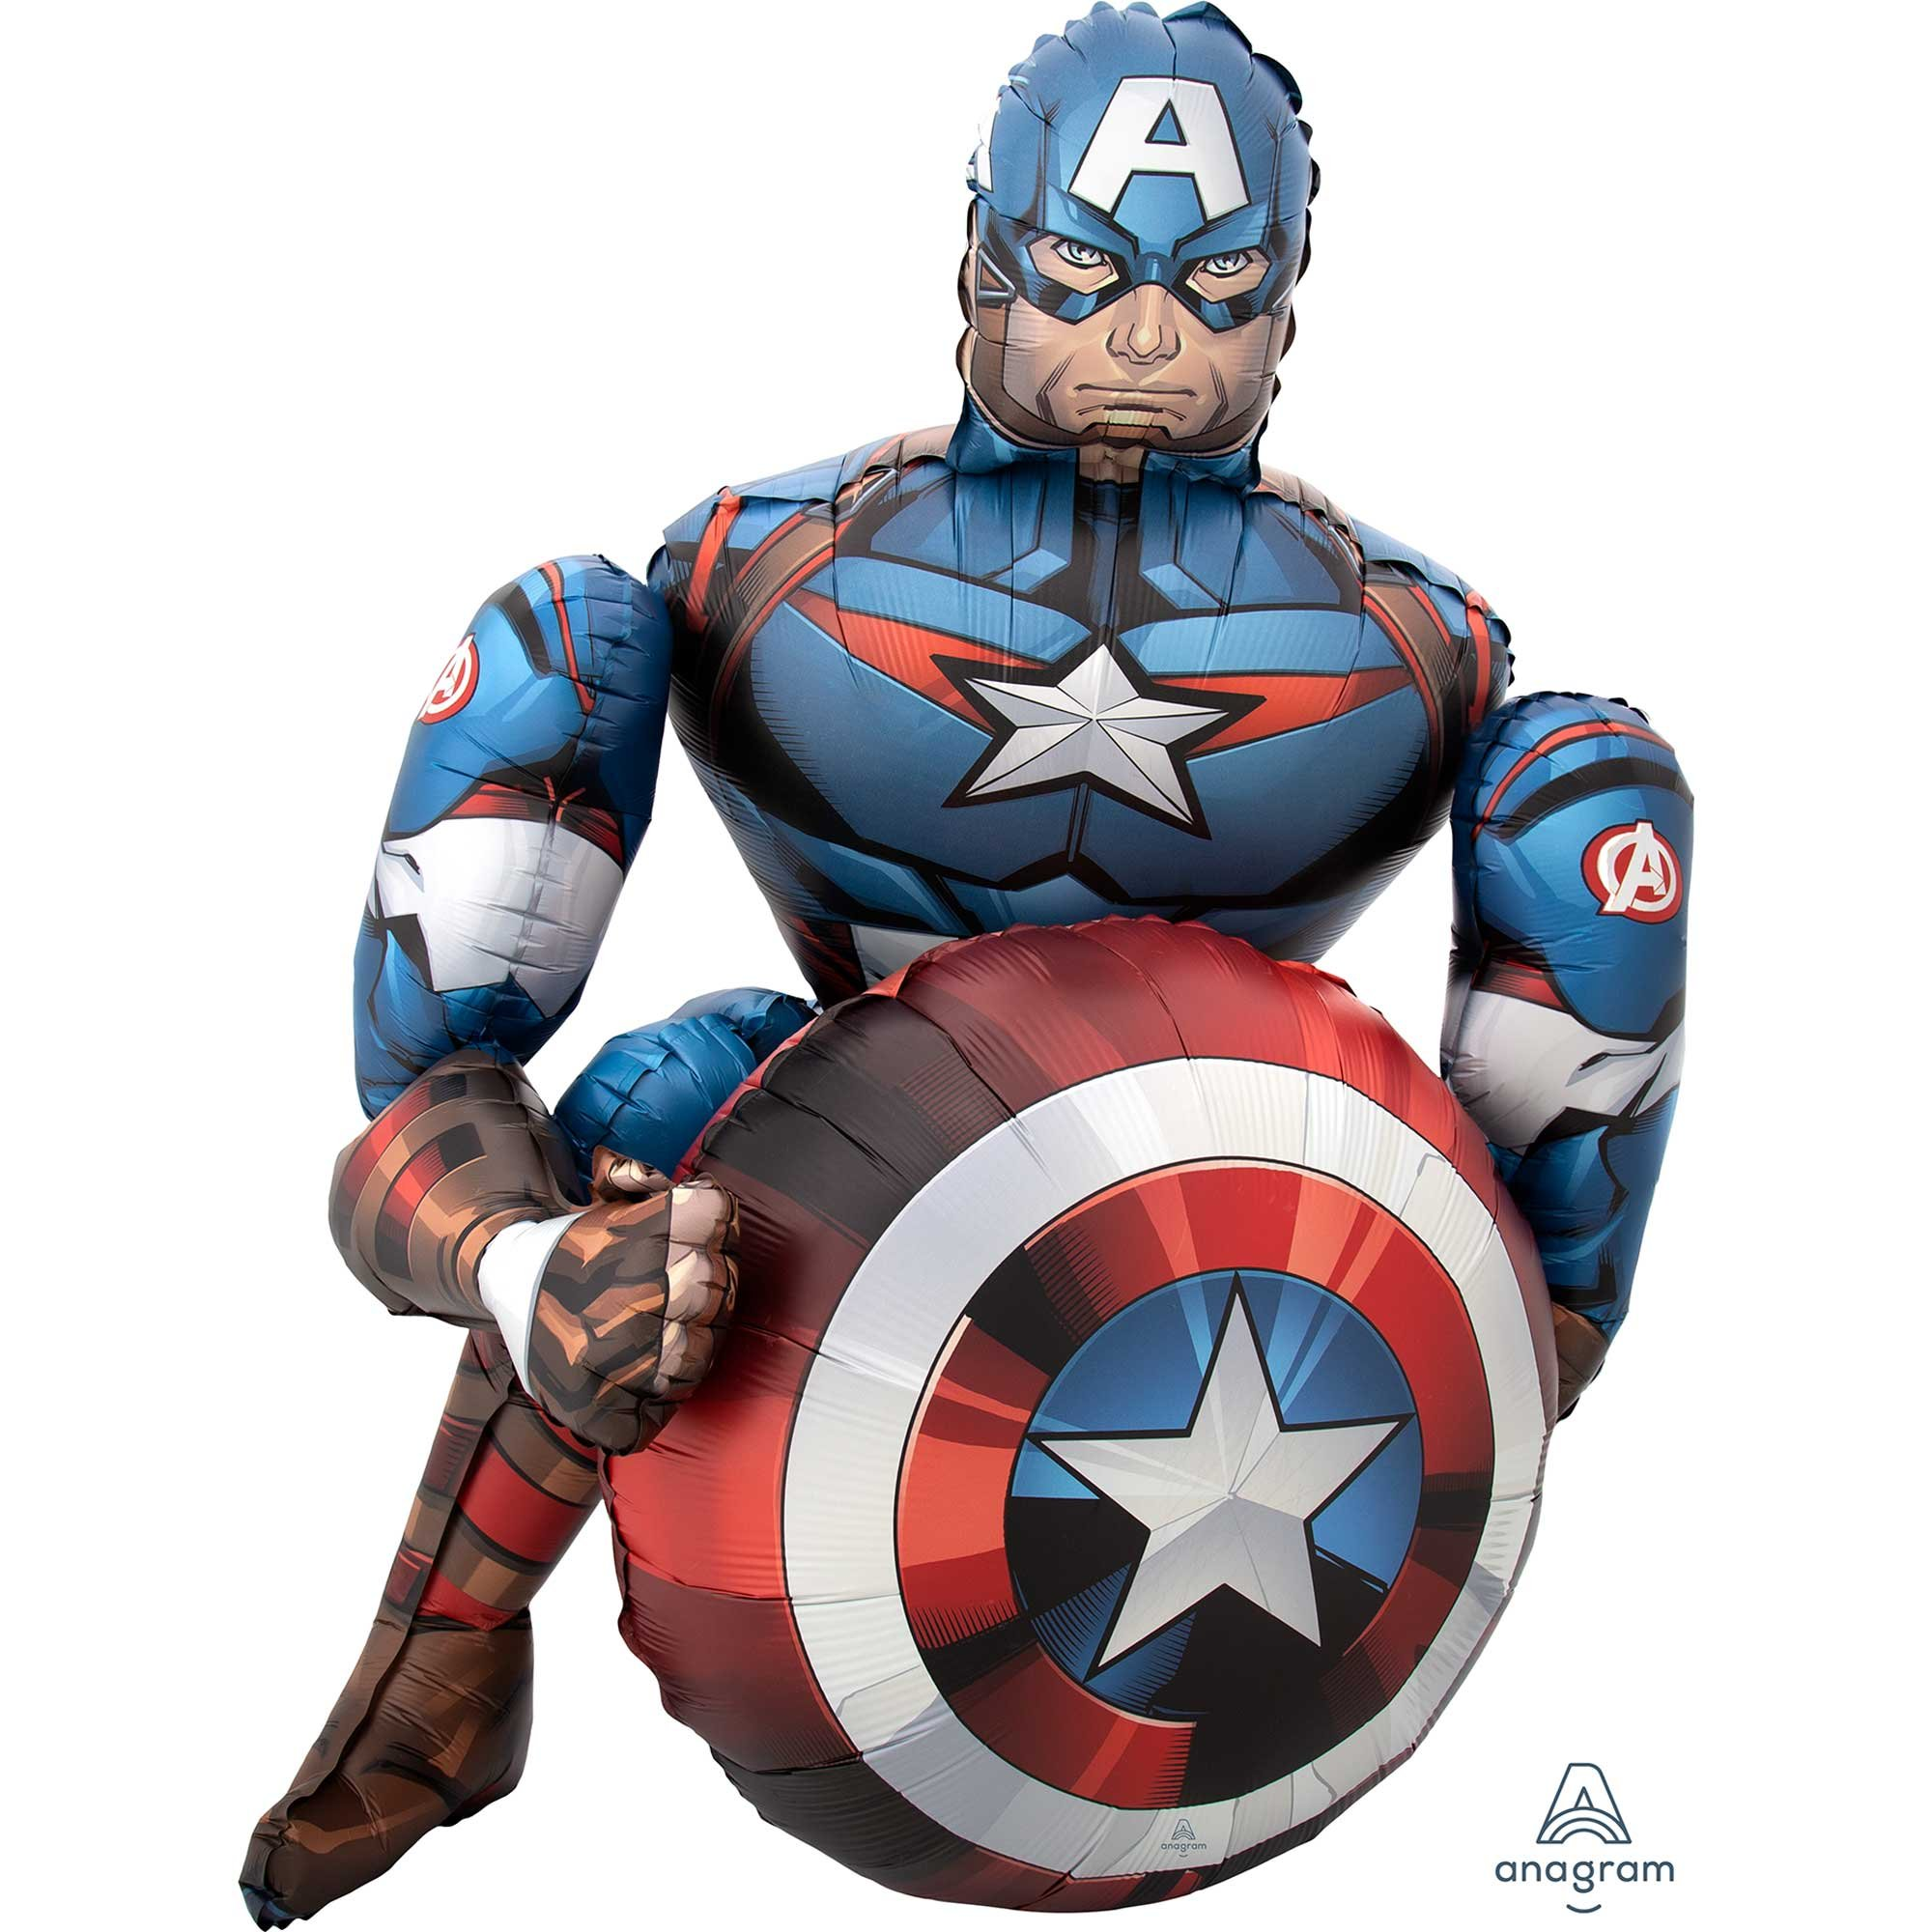 AirWalker Avengers Captain America P93